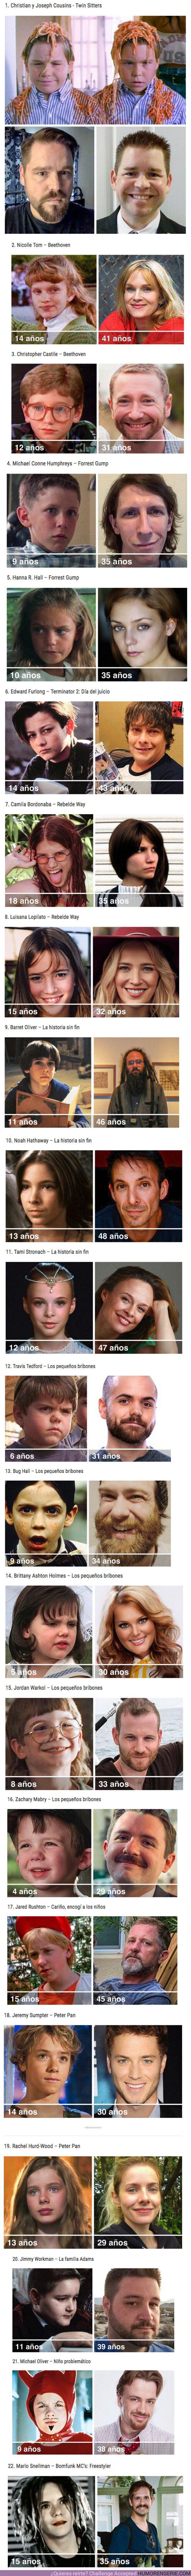 80794 - GALERÍA: Así han cambiado 22 de los niños actores más populares de Hollywood